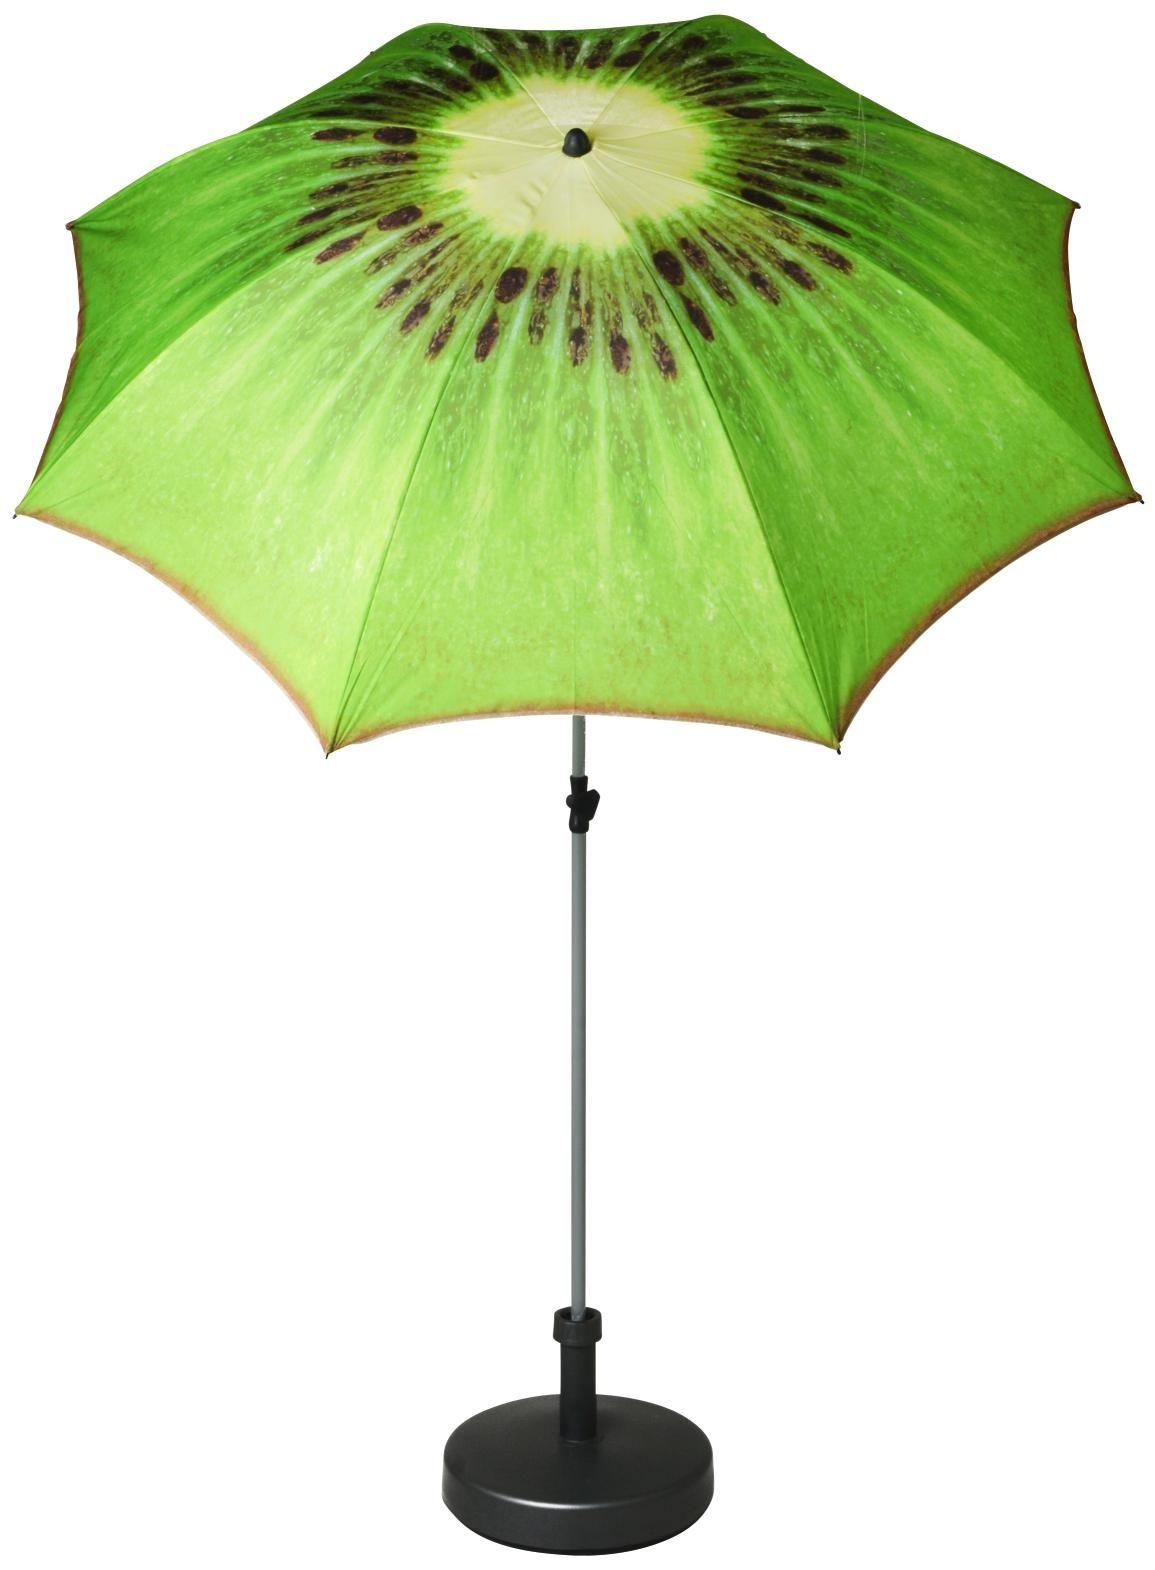 Sonnenschirm Im Kiwi Look Ausgefallener Schirm Fur Strand Und